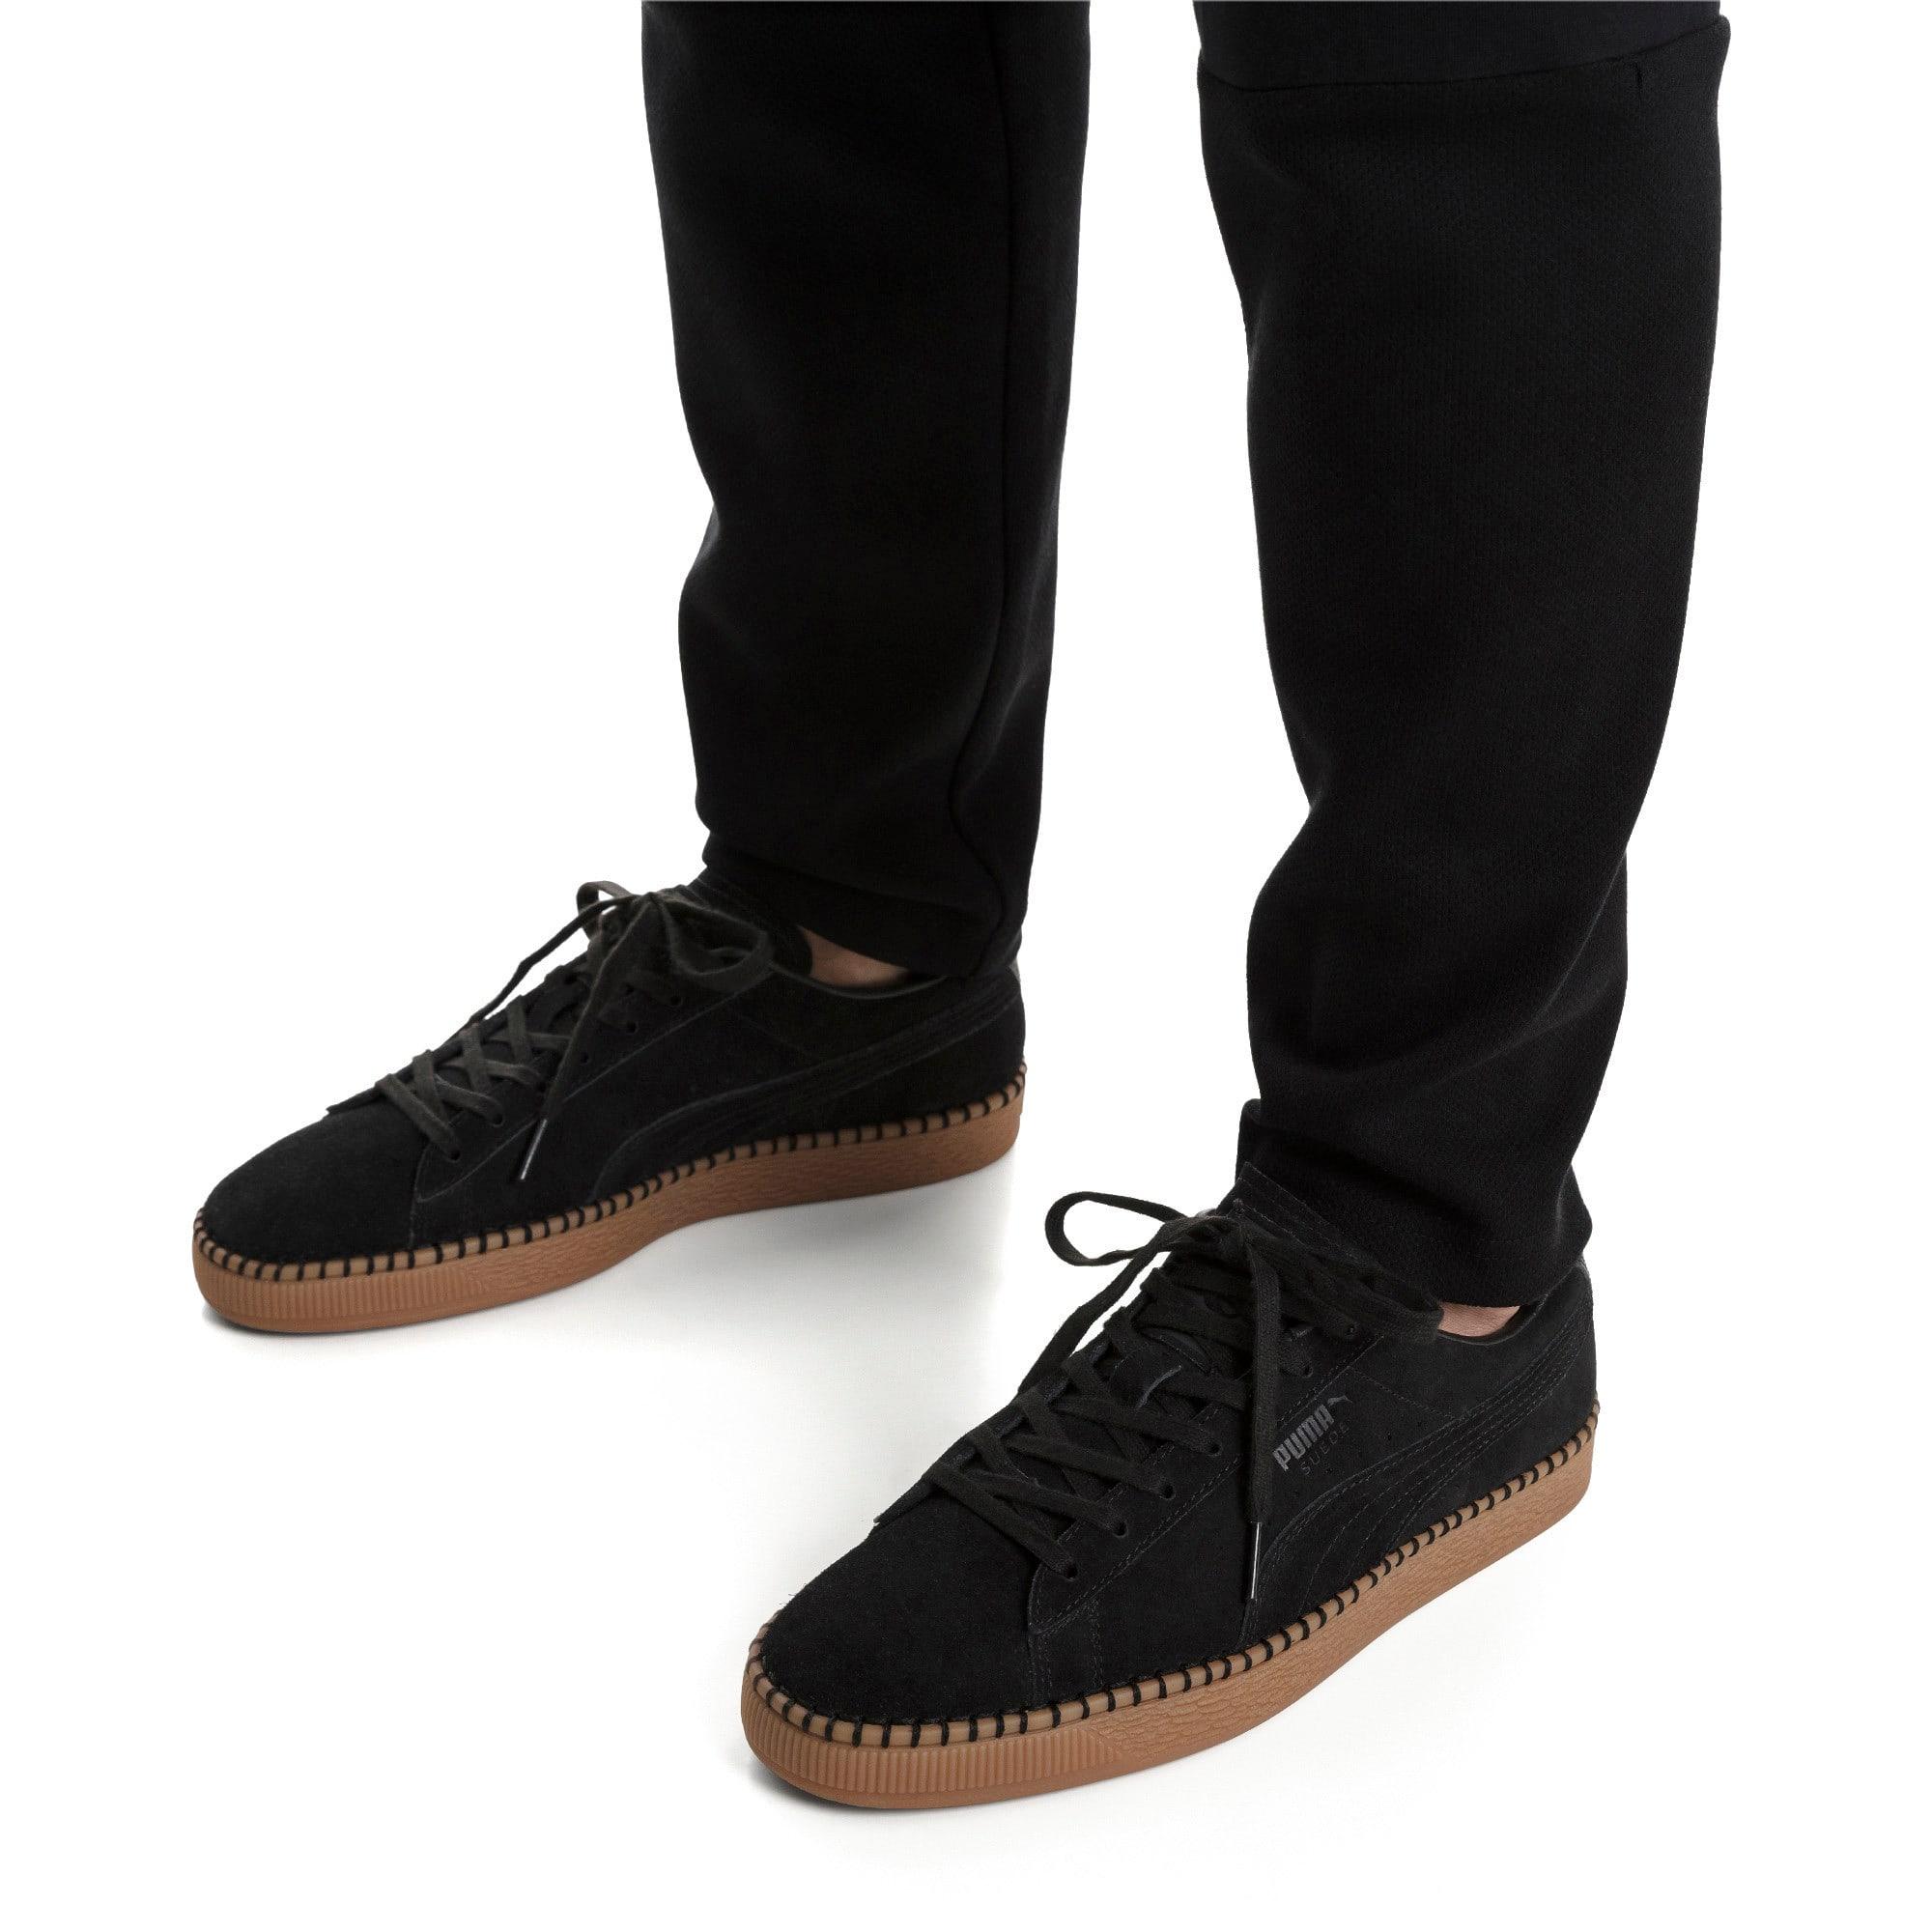 Thumbnail 2 of Suede Classic Blanket Stitch Sneakers, Puma Black-Gum, medium